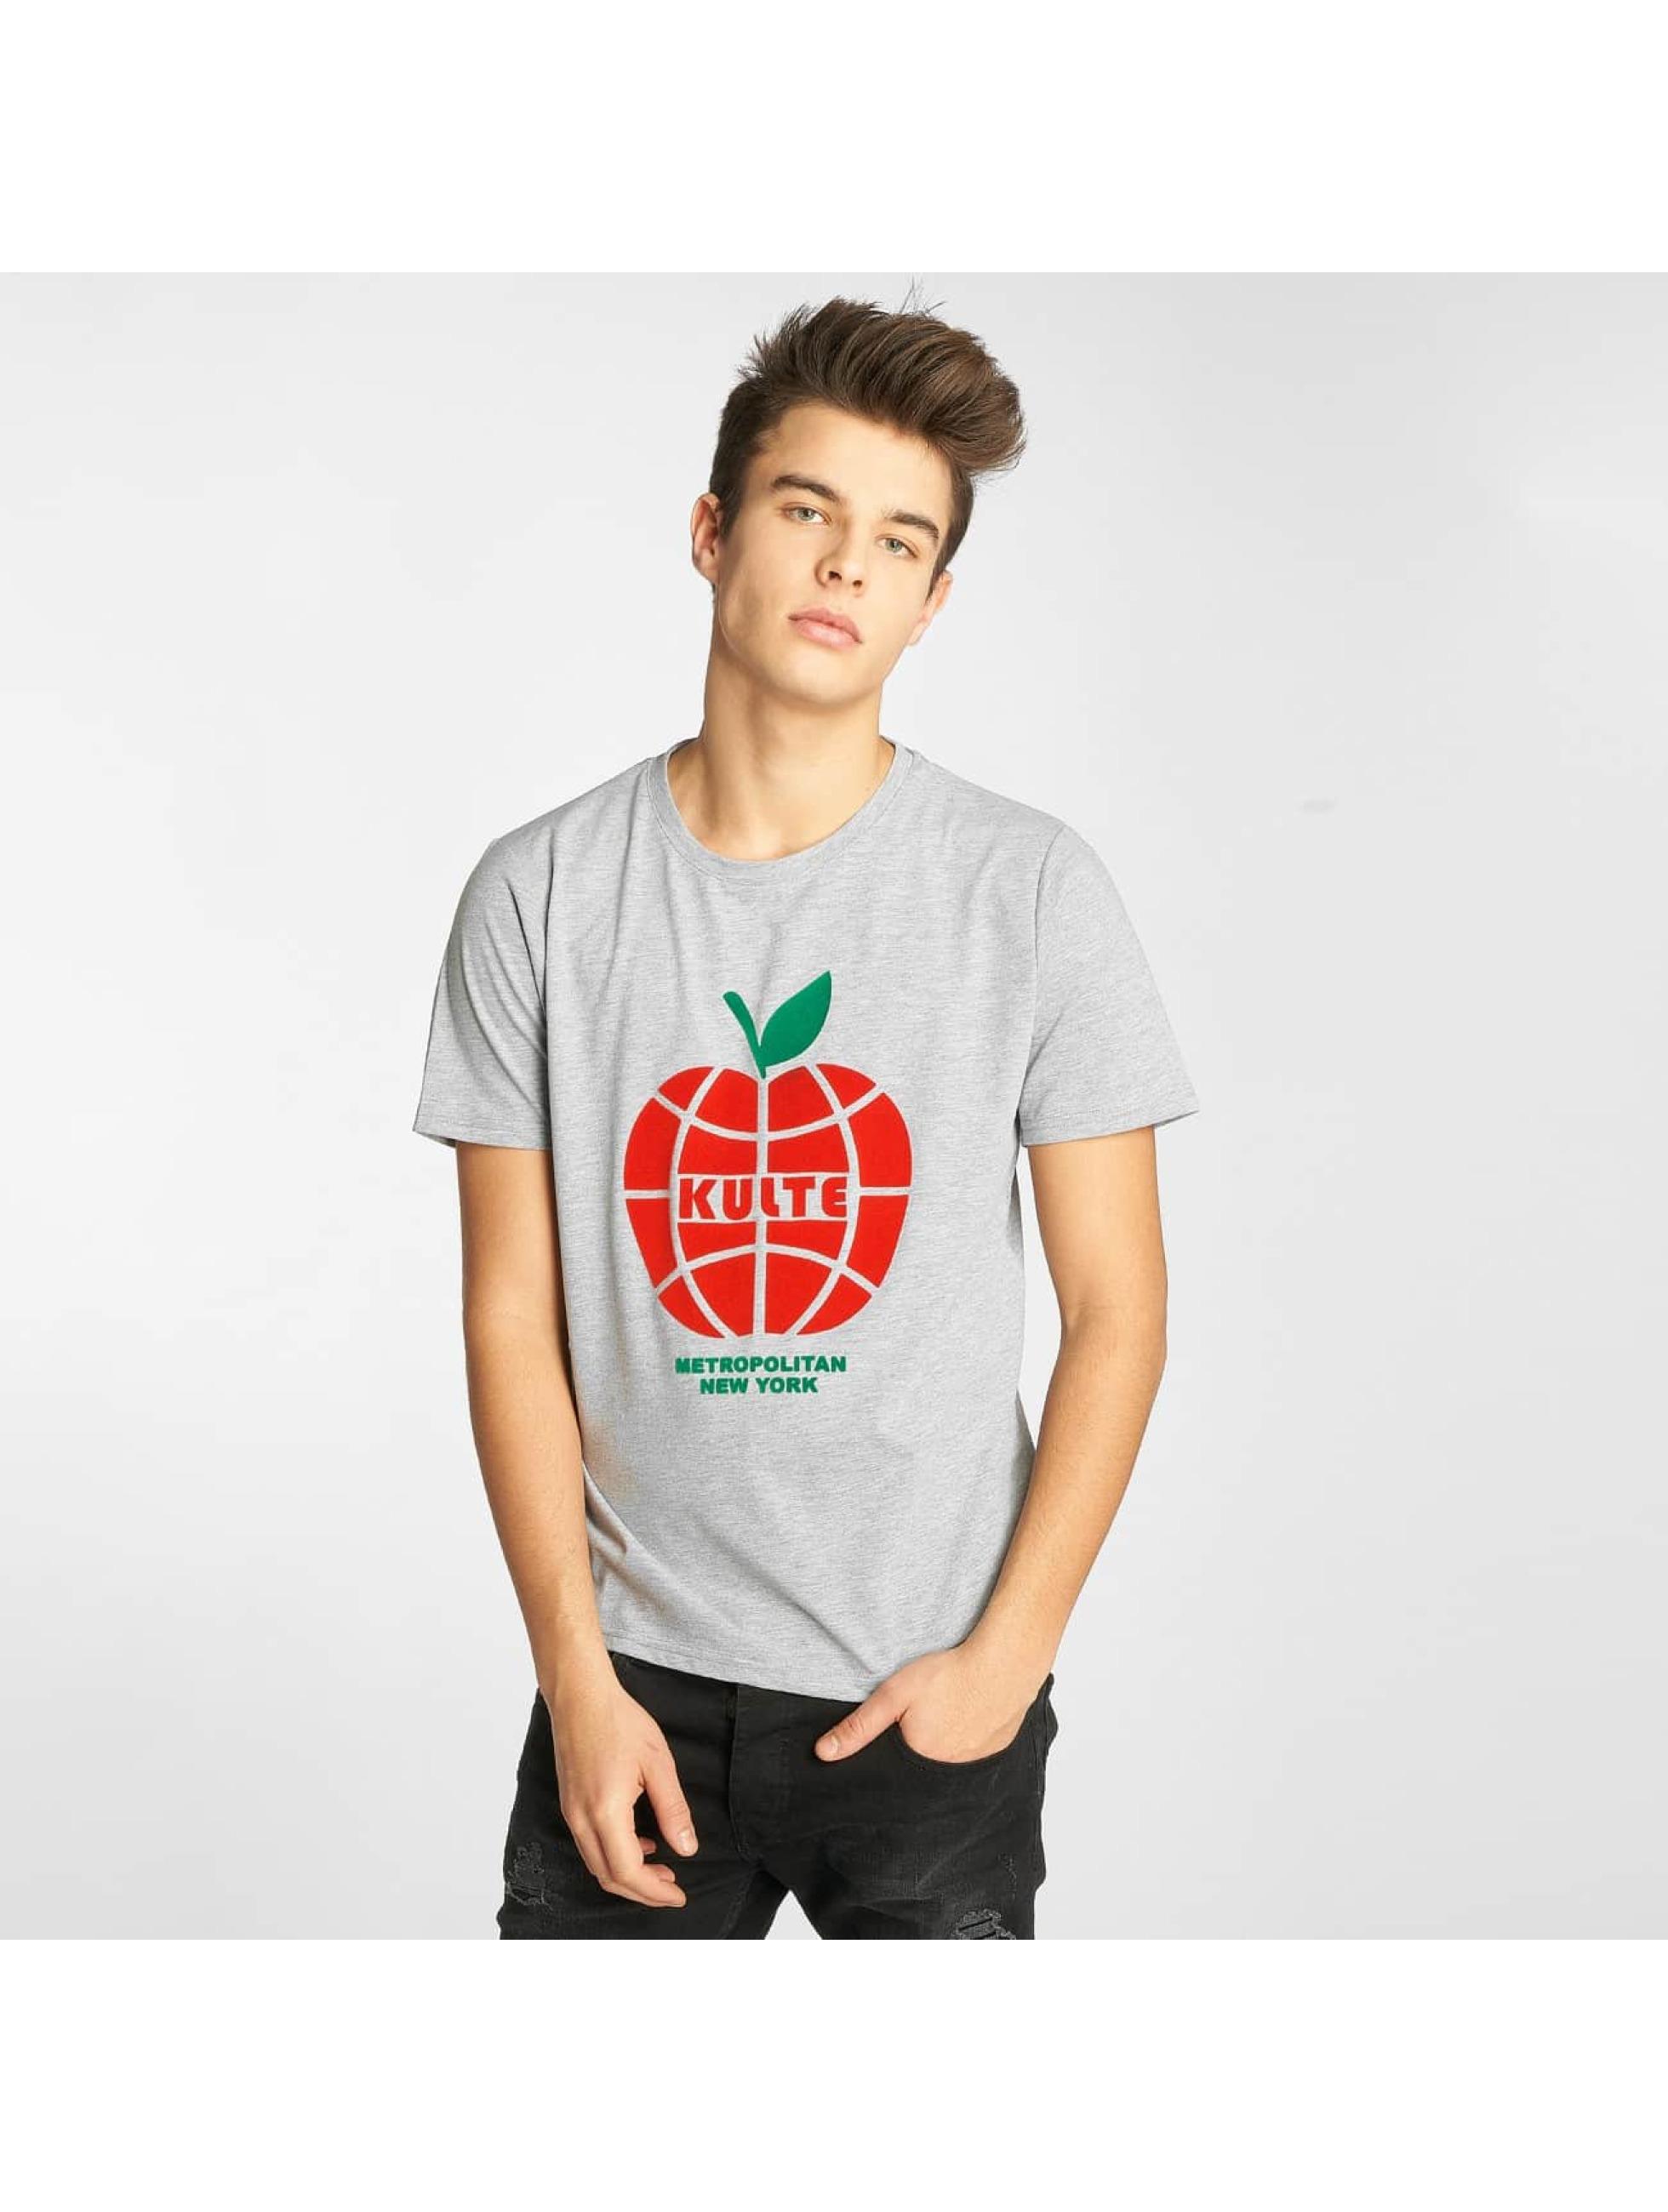 Kulte t-shirt New York grijs